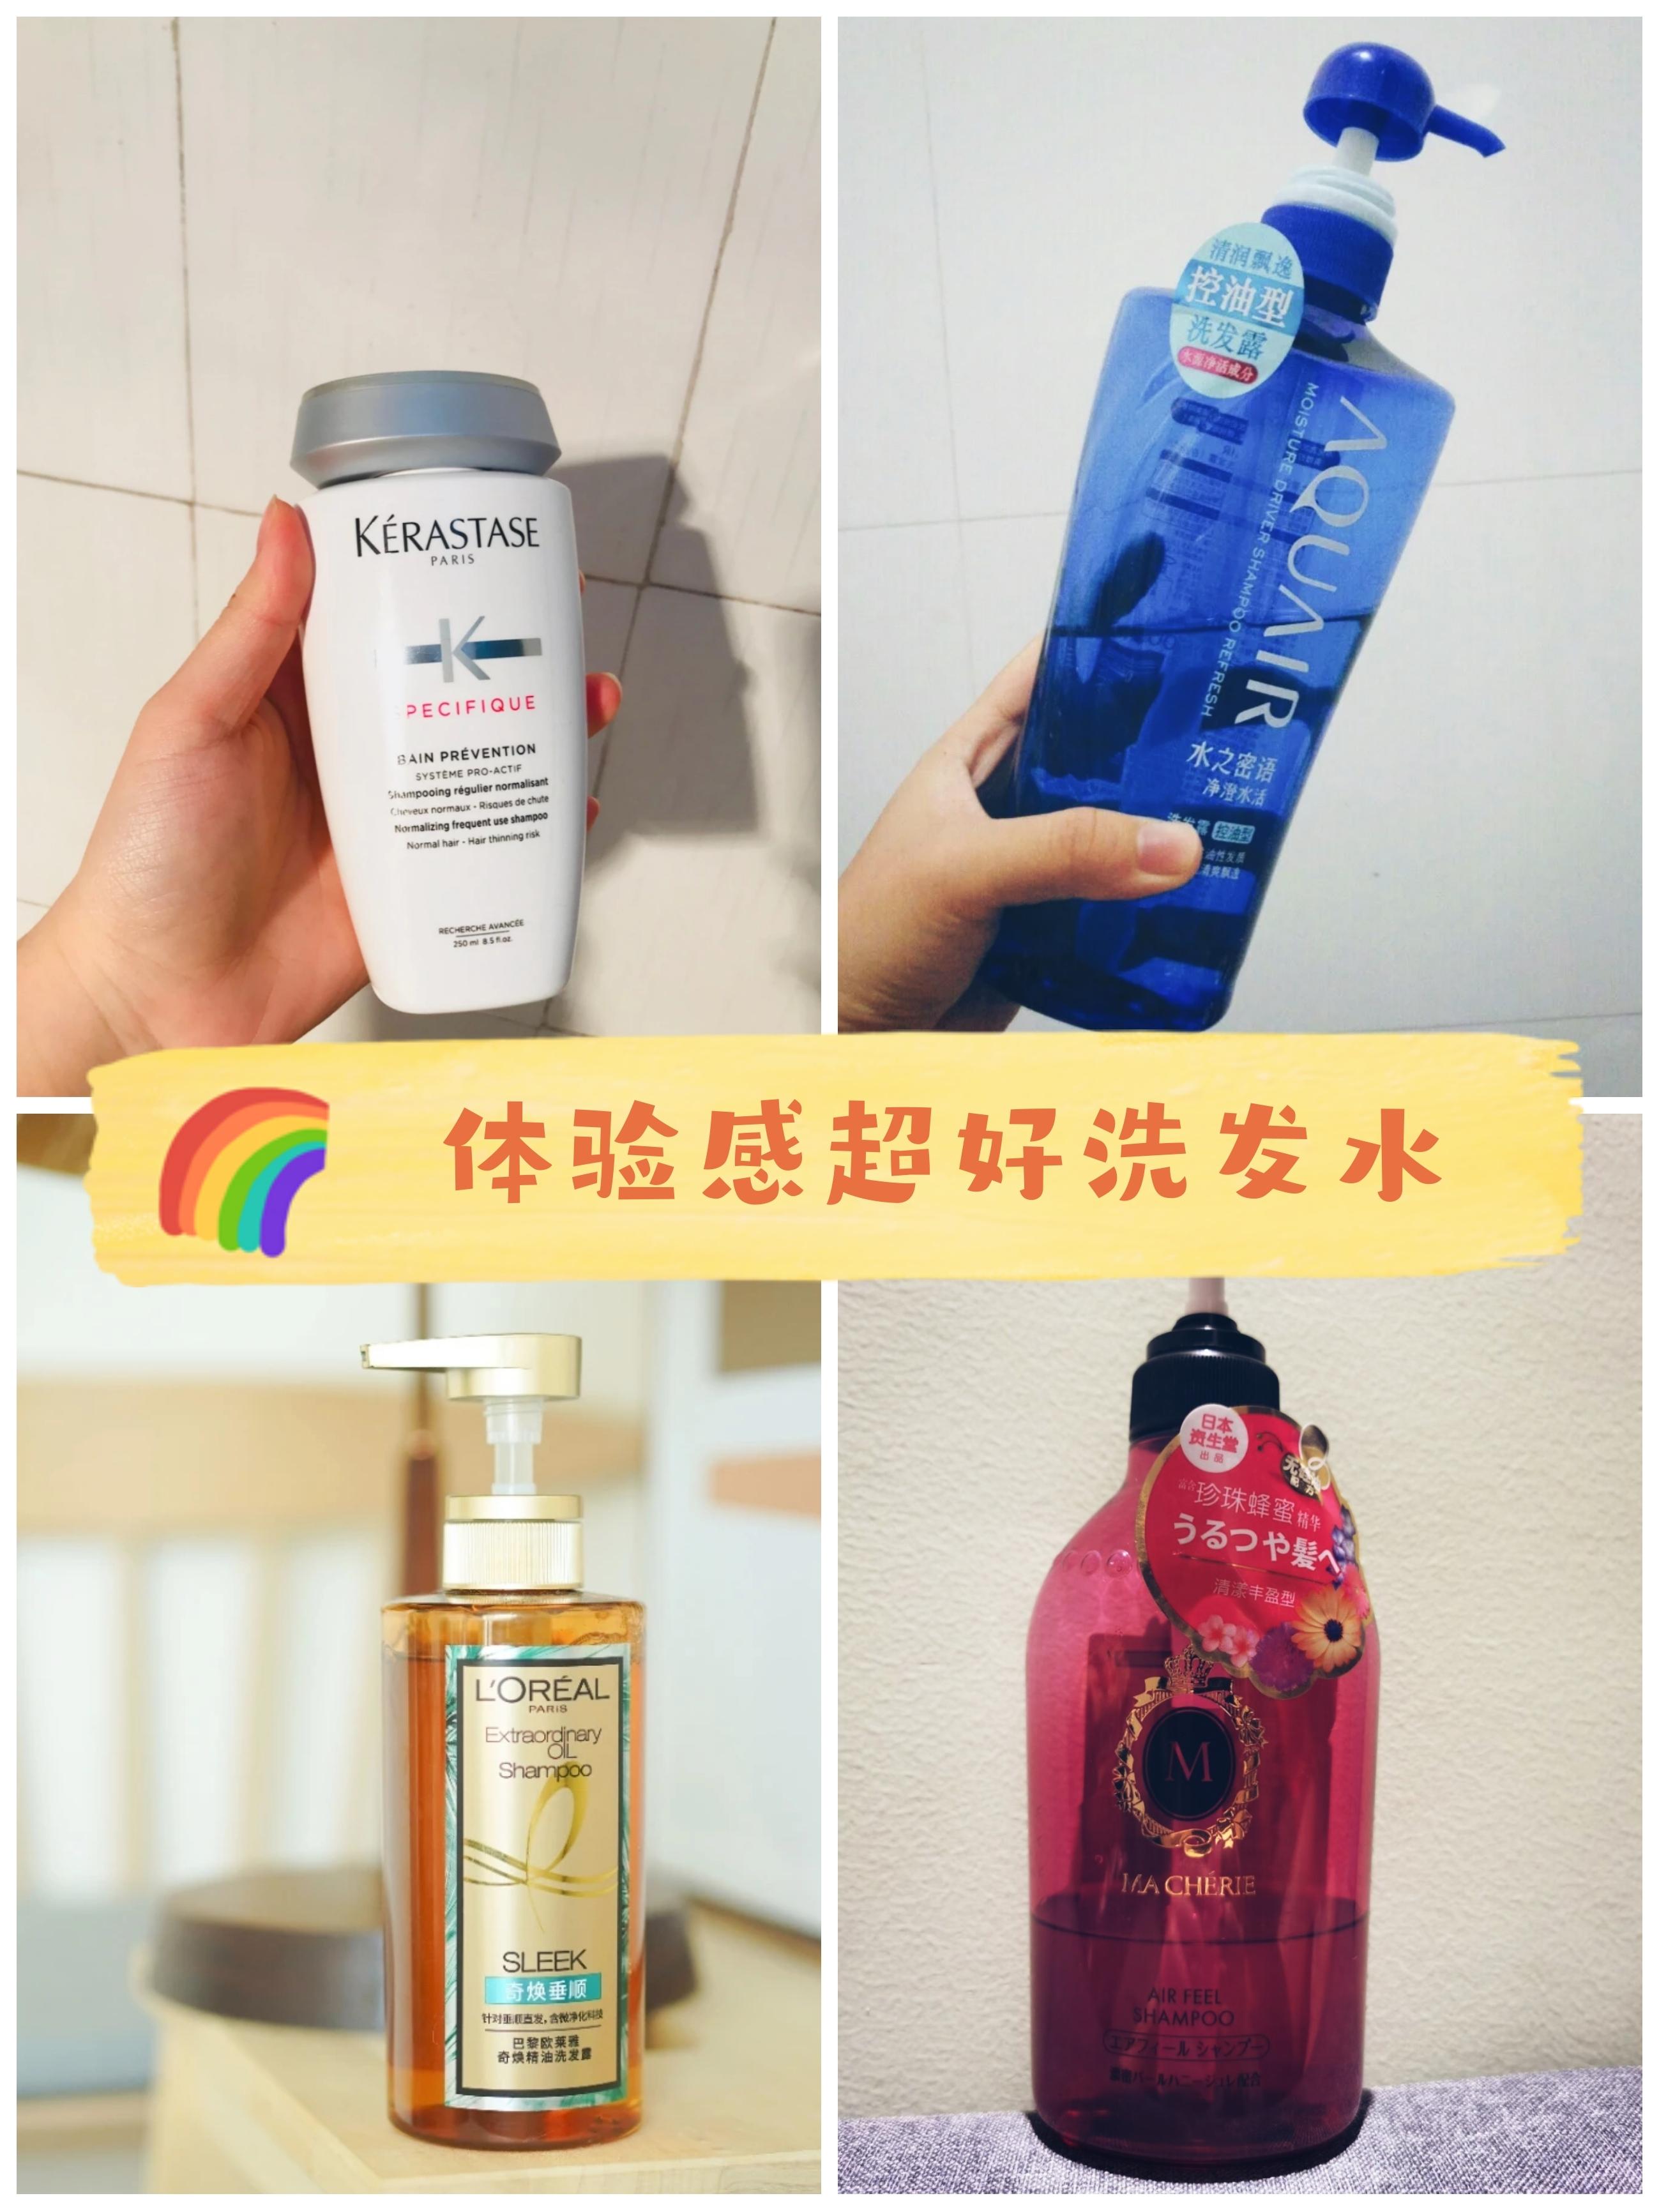 洗发水不是越贵越好,4款体验感很好的...